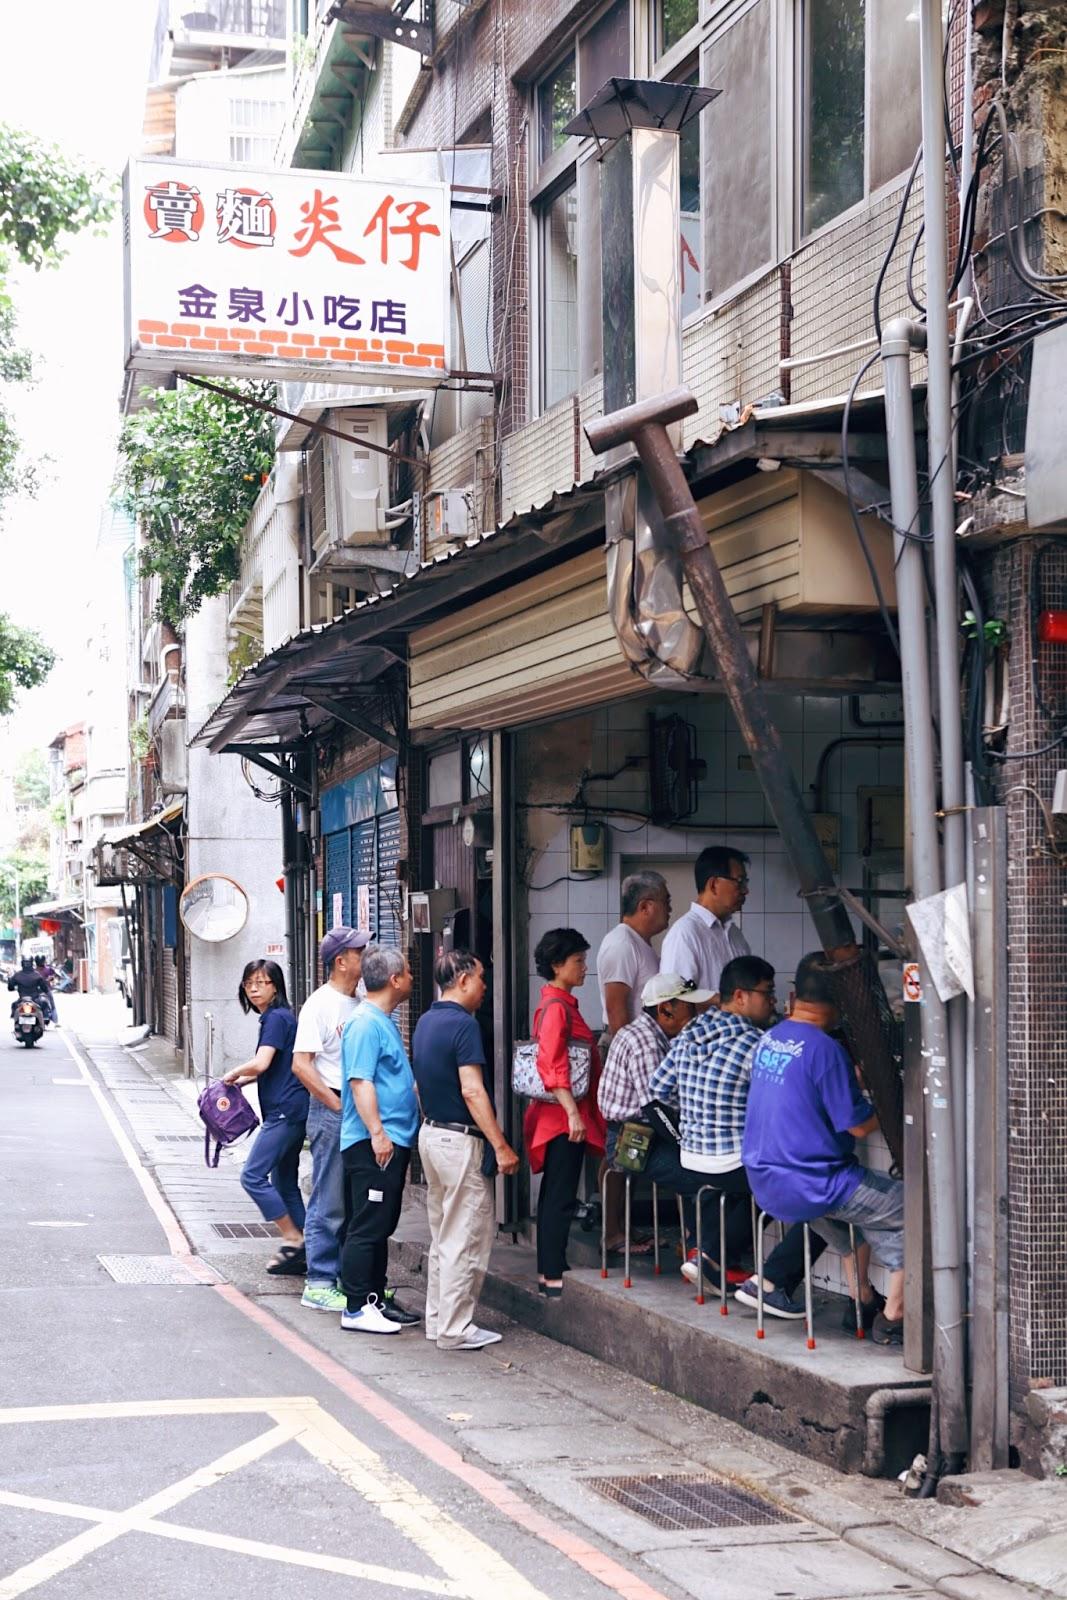 賣麵炎仔金泉小吃店|臺北大同區|傳承八十一年的老牌美味 - 小食日記